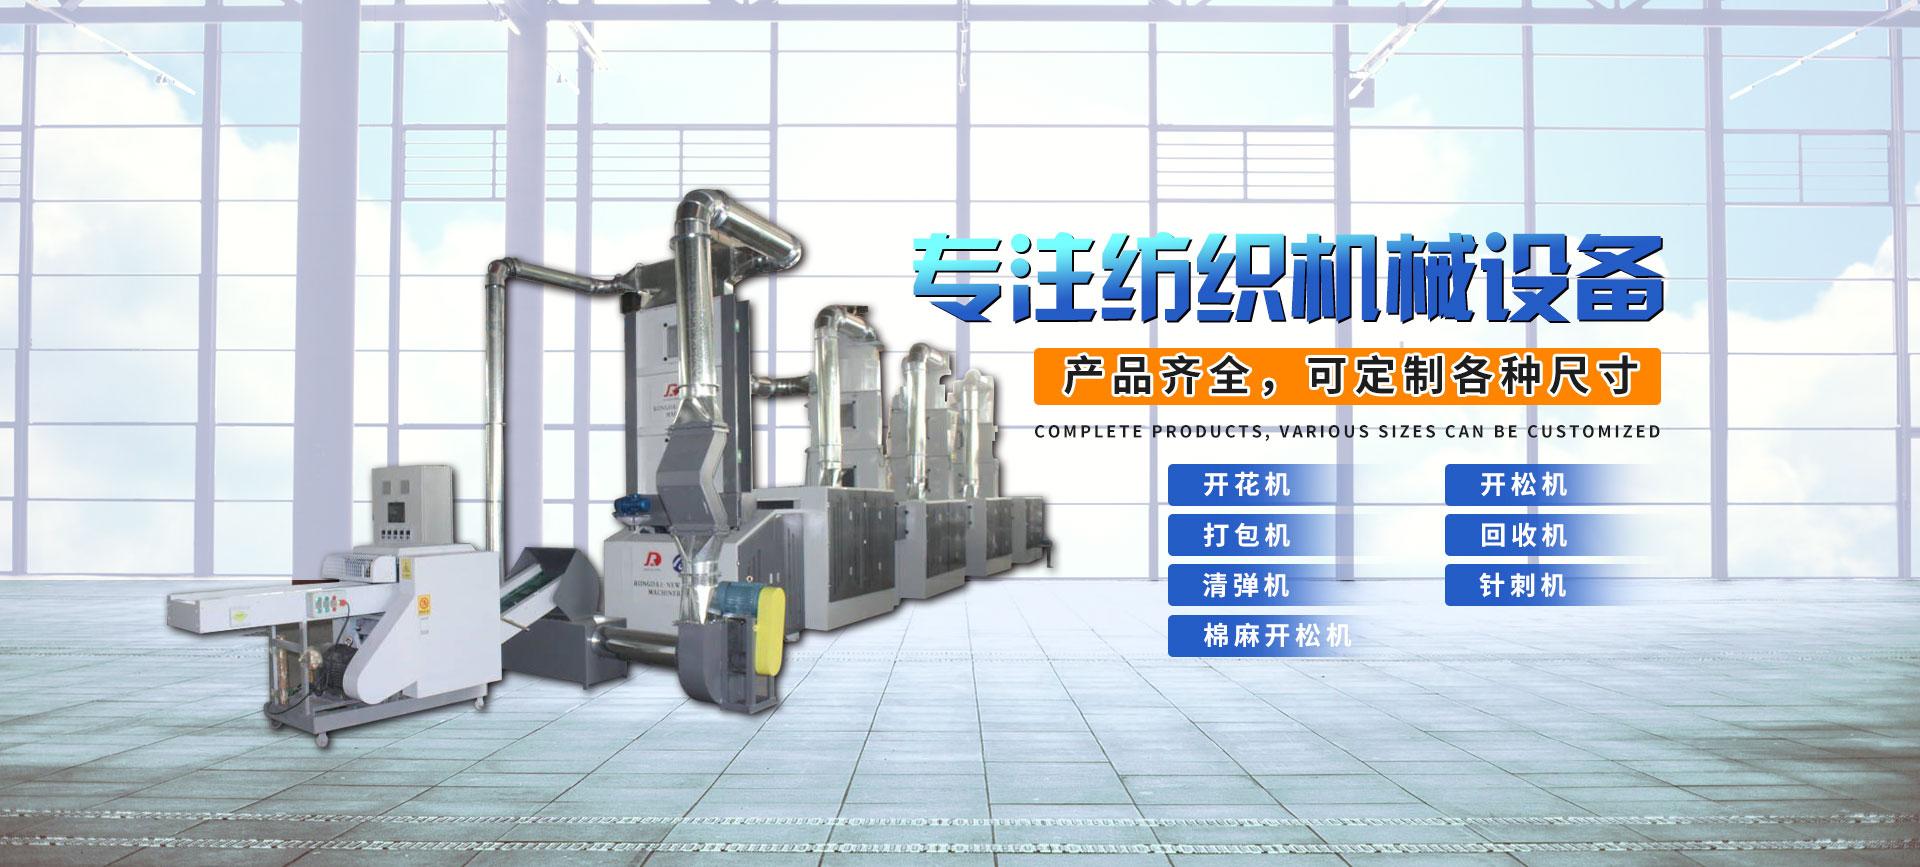 高密容大机械有限公司